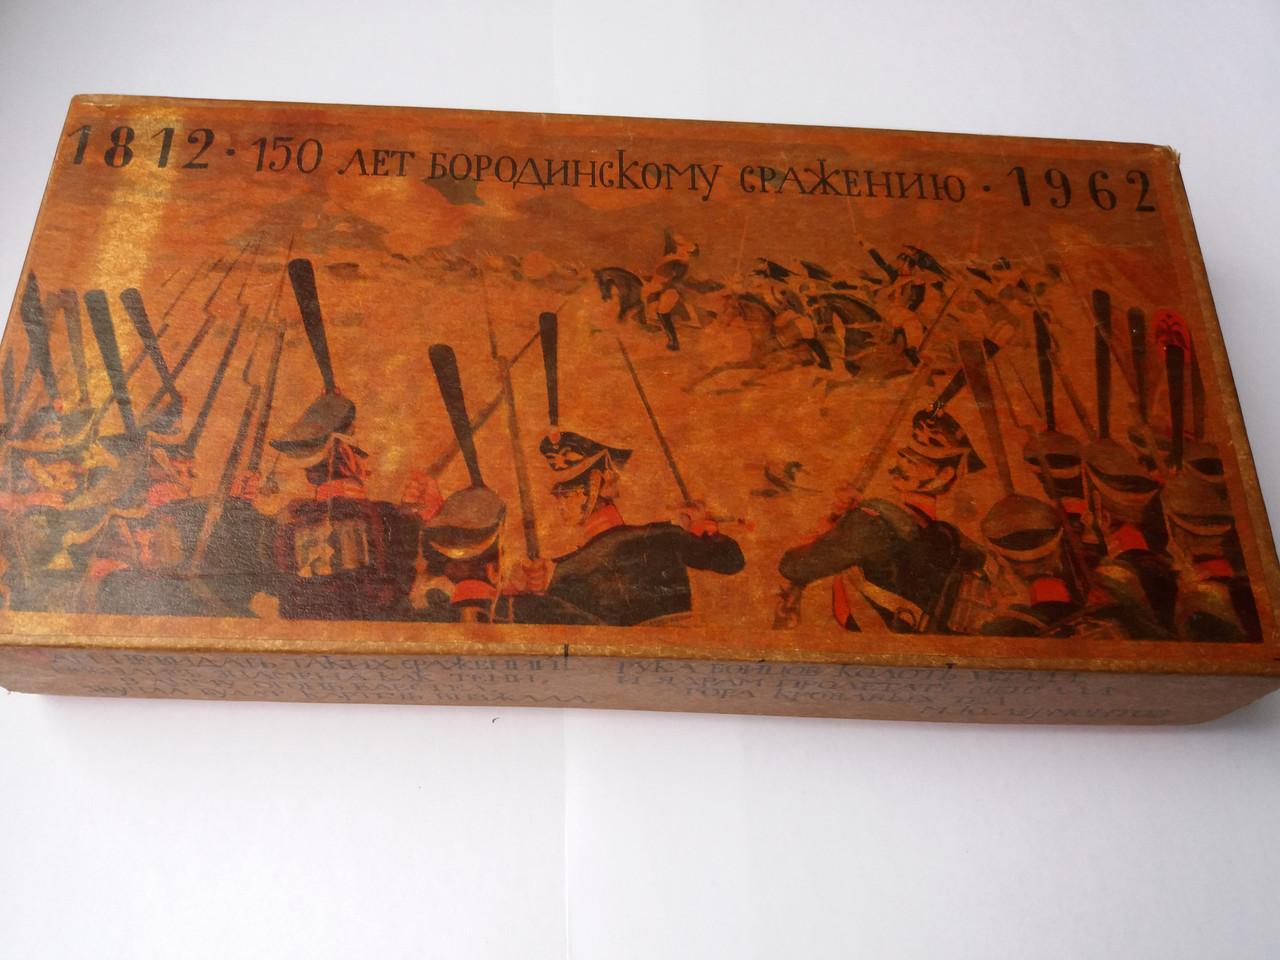 Набор юбилейных спичек в честь Бородинской битвы 1962 год